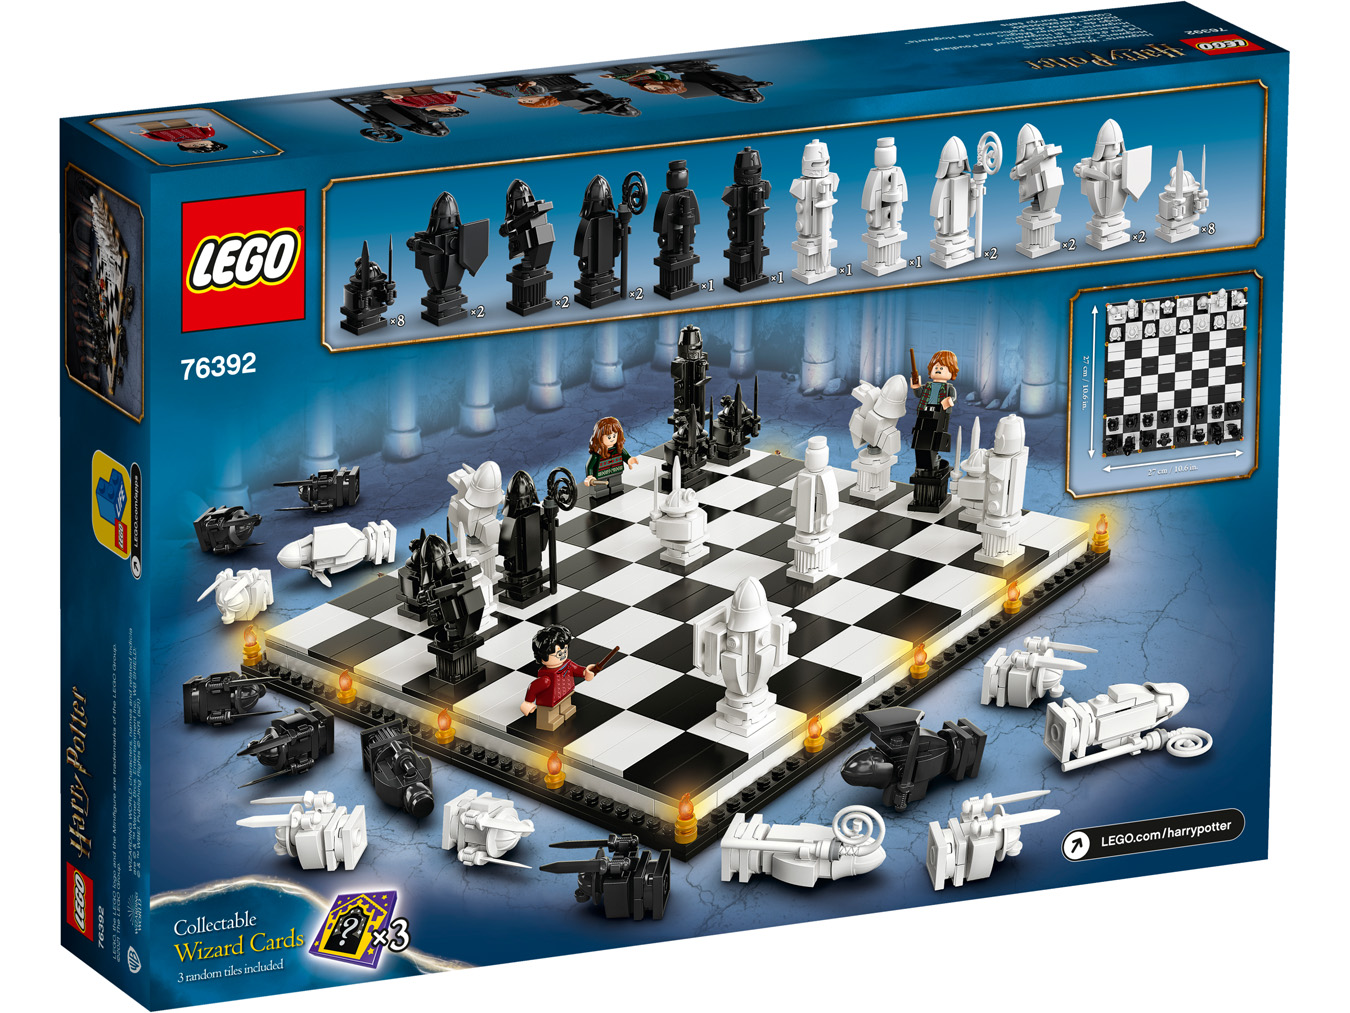 Le jeu d'échecs version sorcier de Poudlard - LEGO Harry Potter - 76392